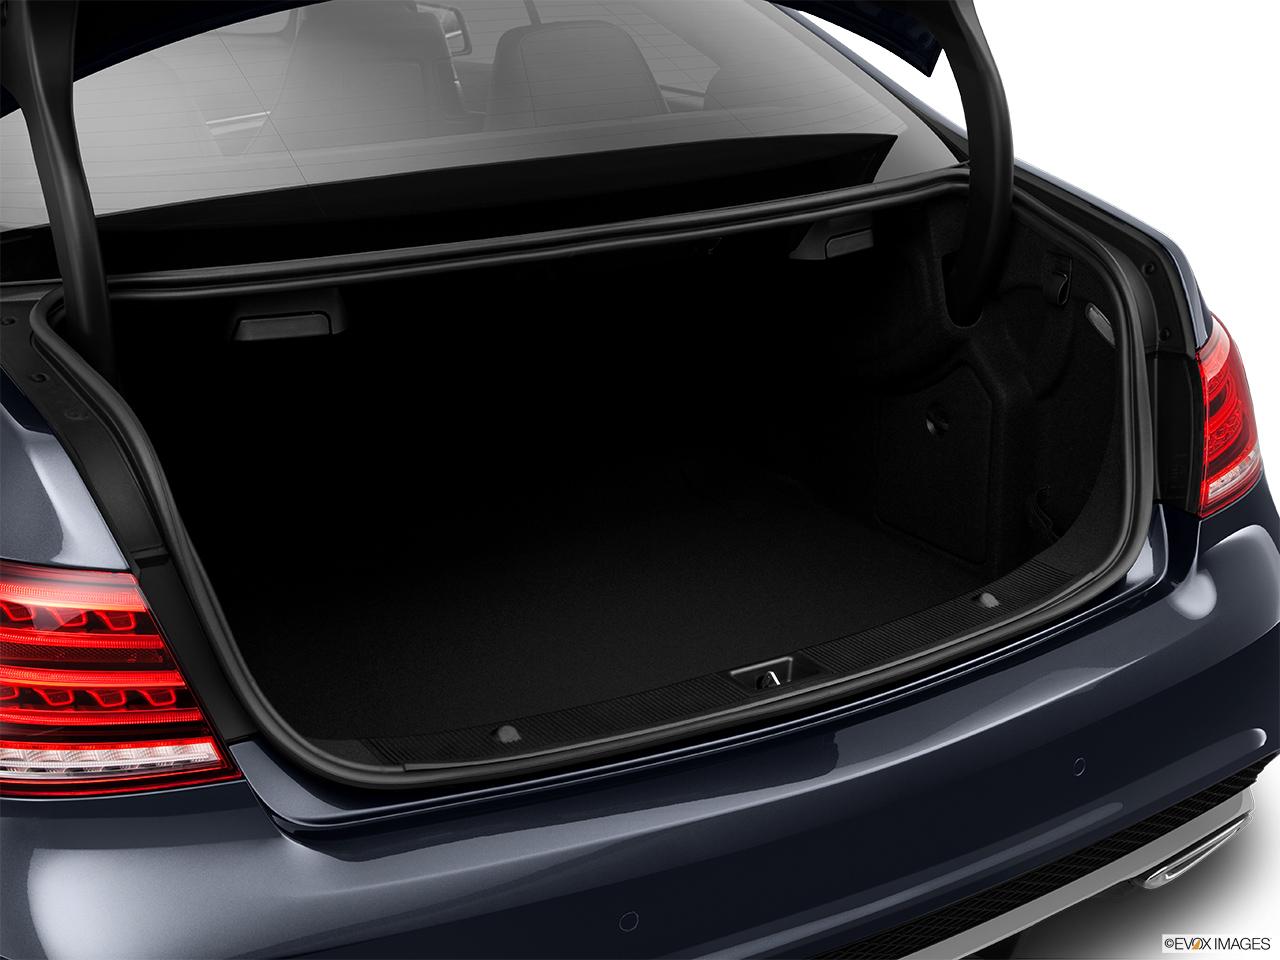 2015 Mercedes-Benz E-Class Coupe E550 RWD - Trunk open